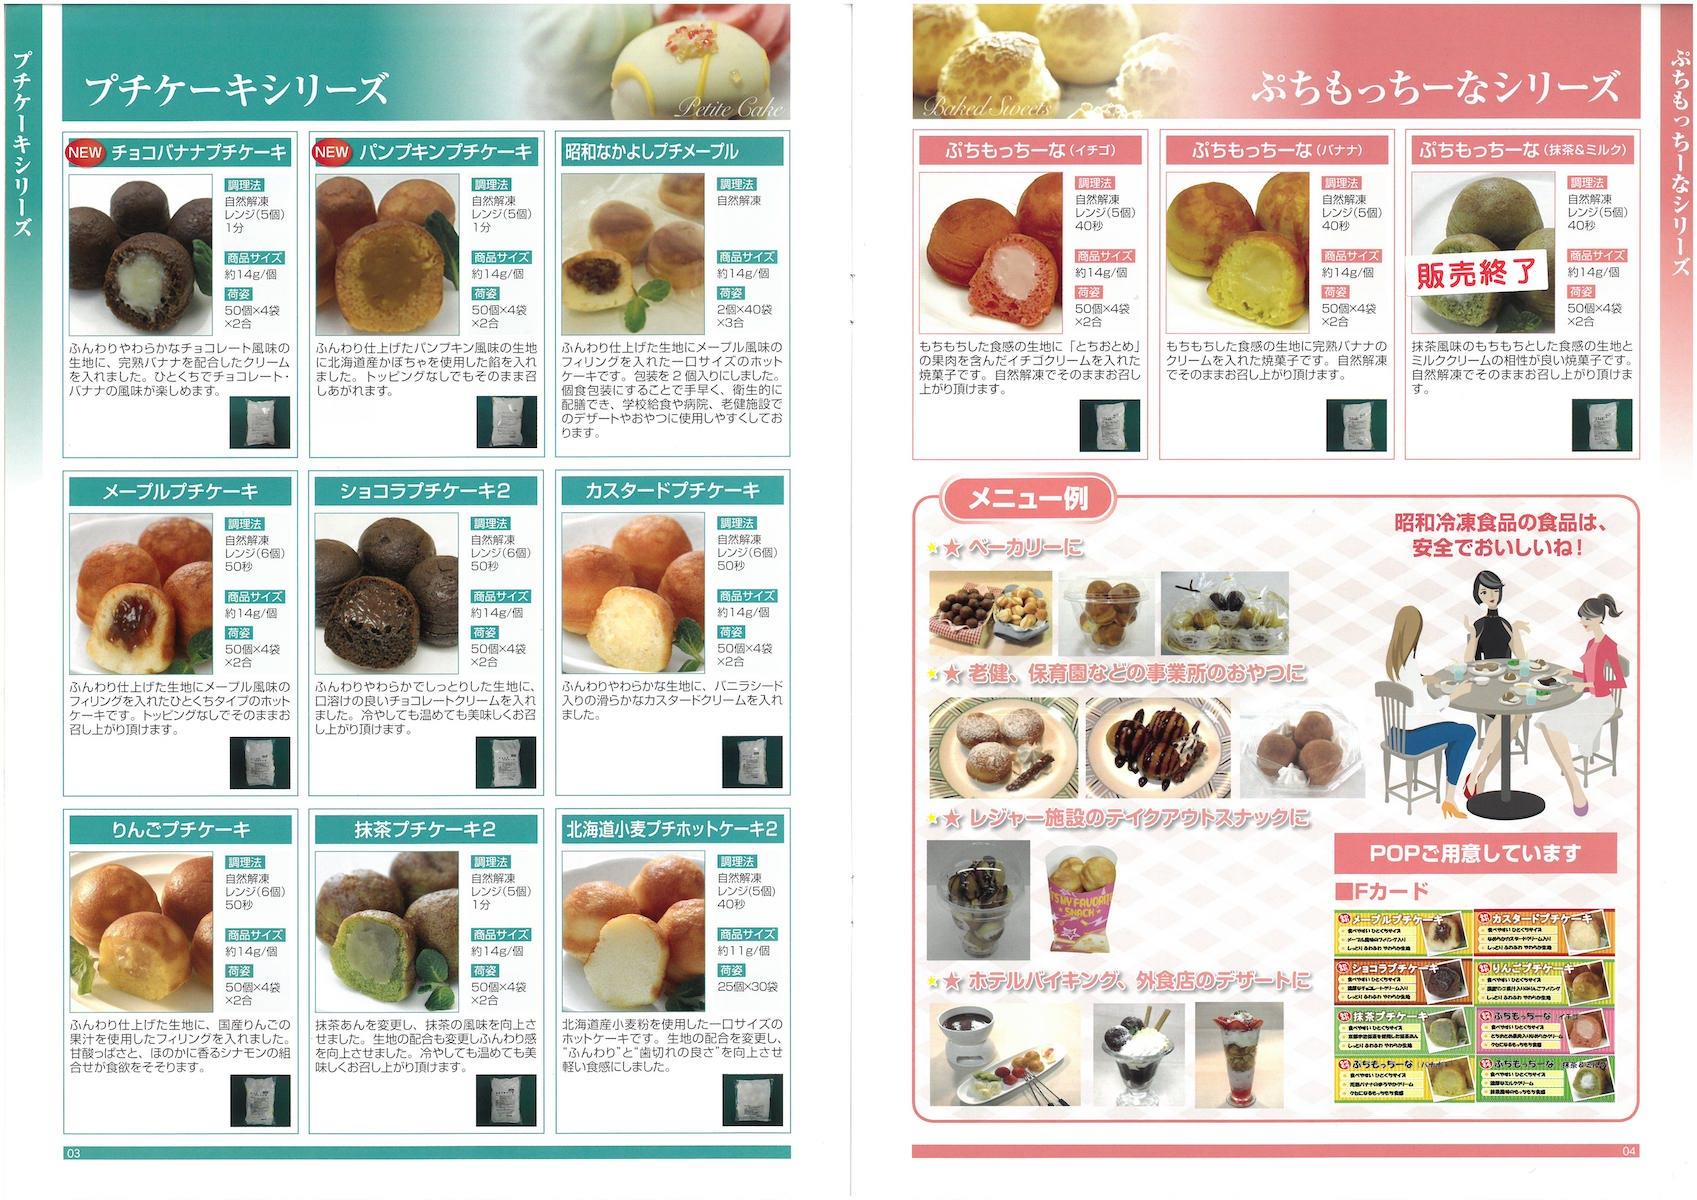 昭和冷凍食品株式会社